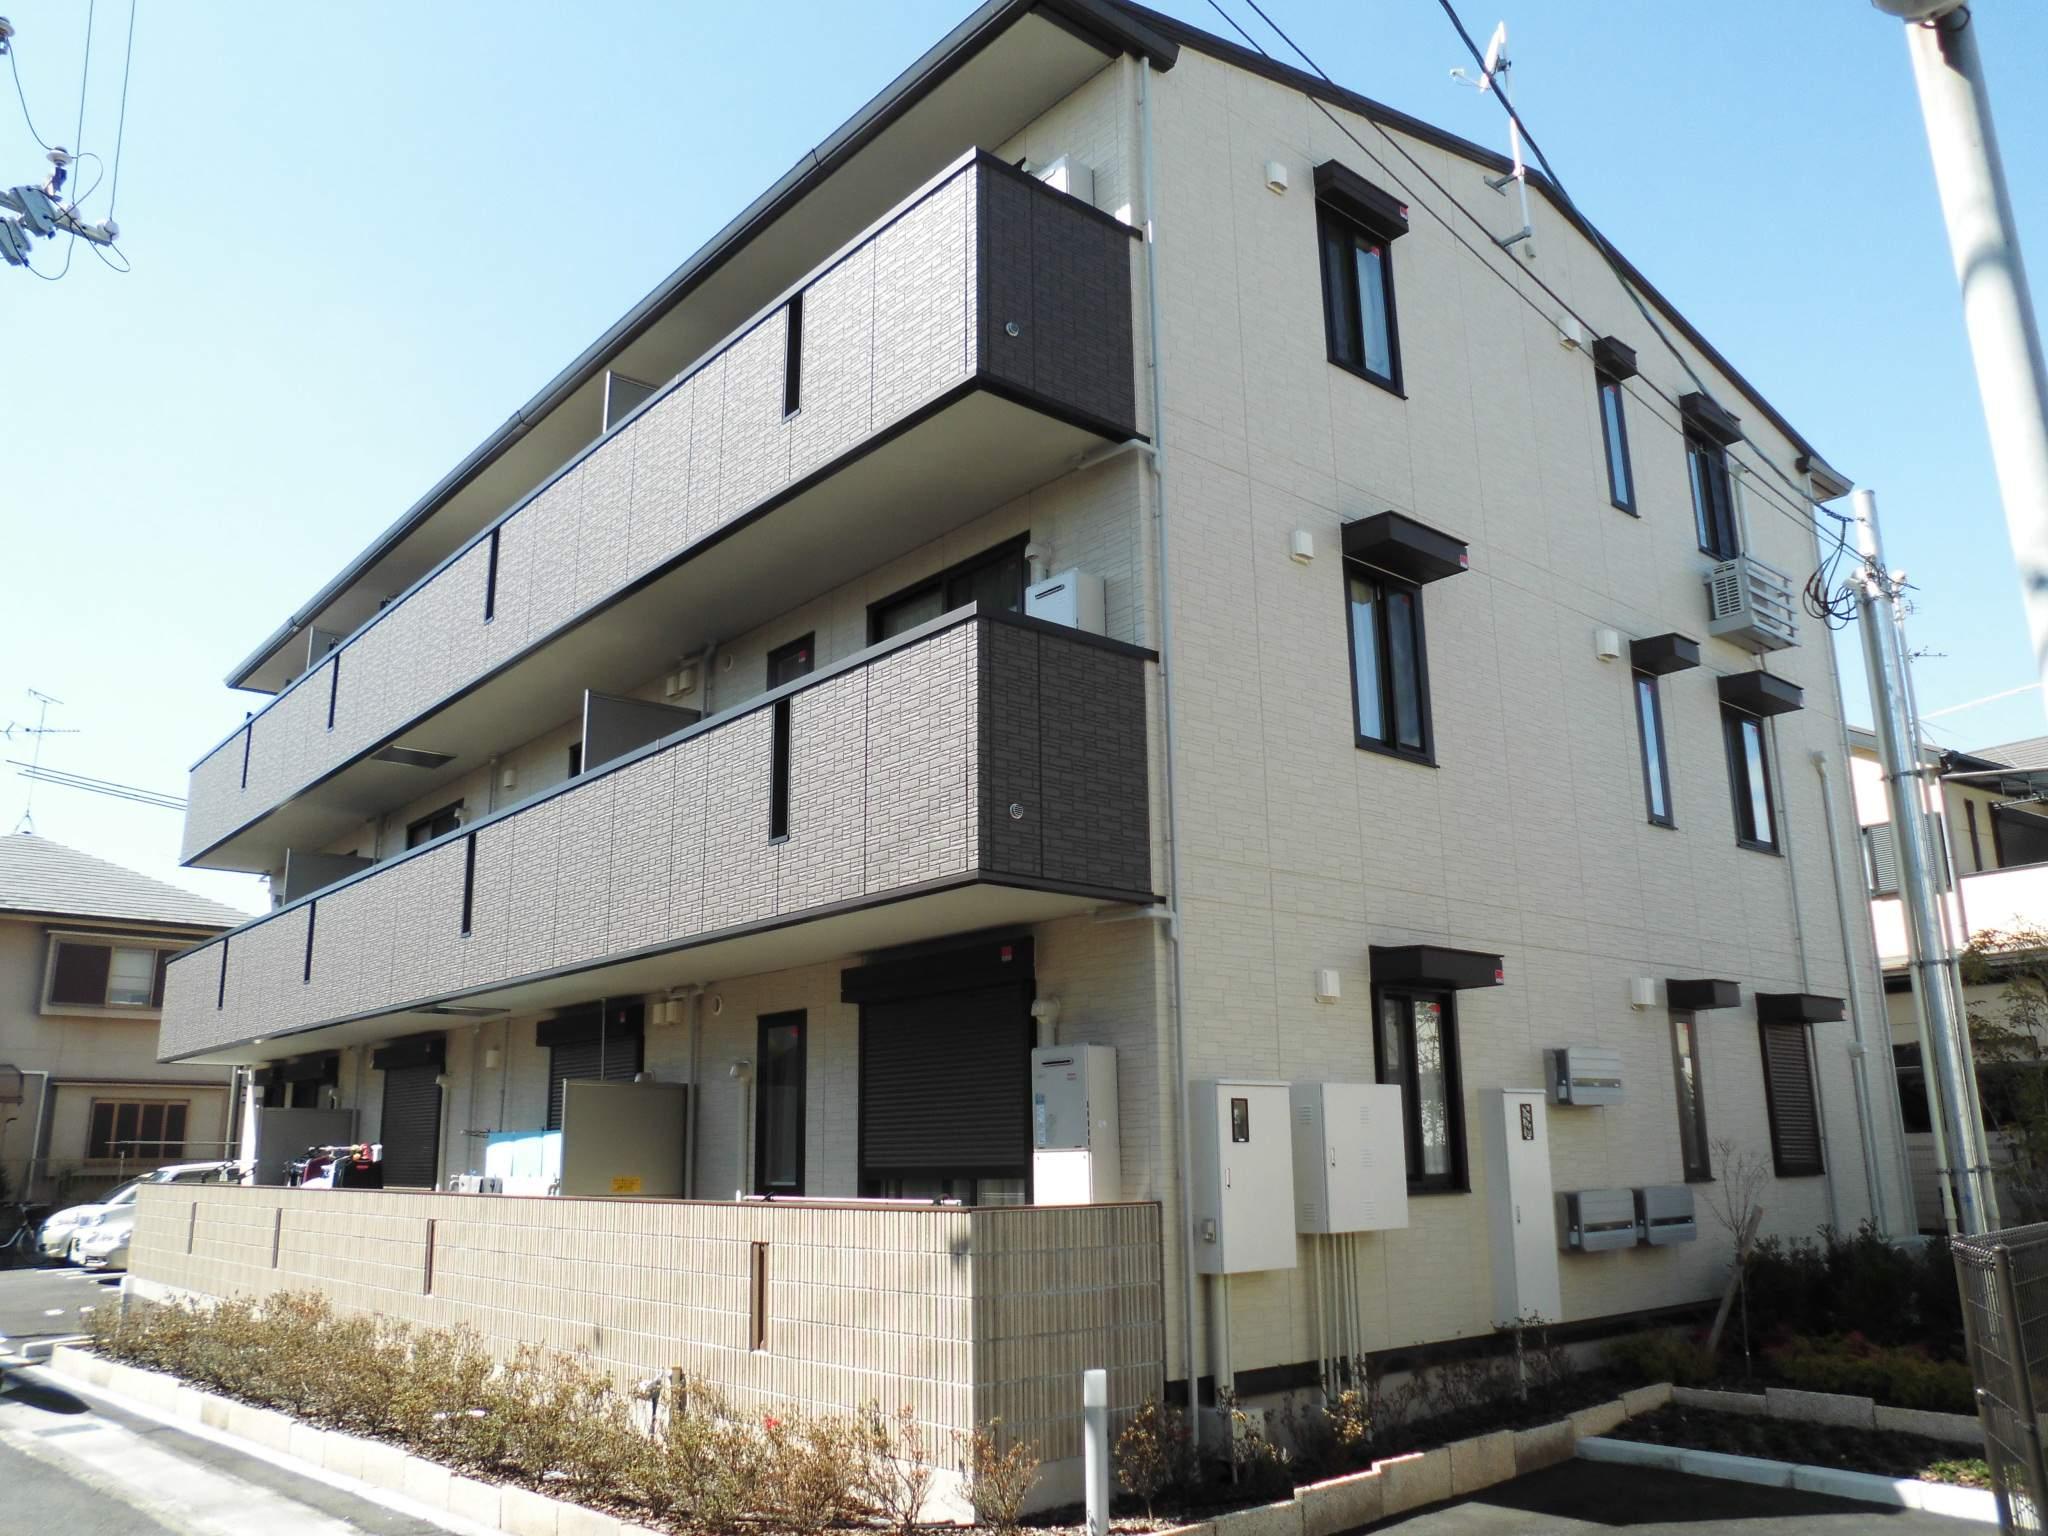 大阪府堺市東区、白鷺駅徒歩36分の築1年 3階建の賃貸アパート